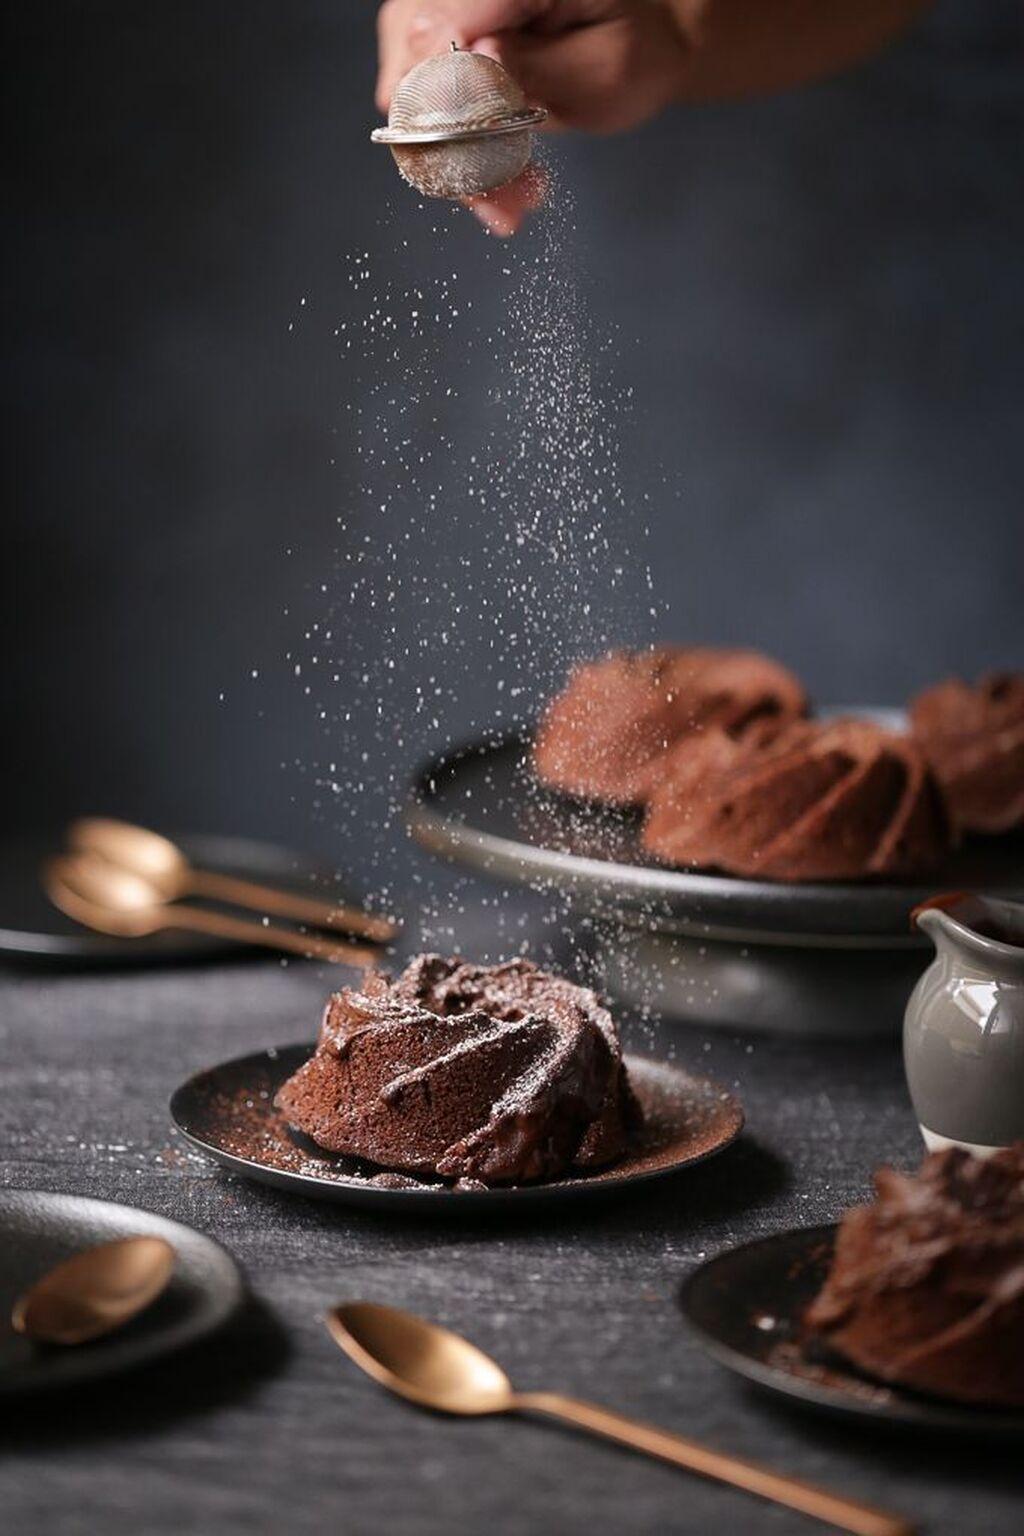 Yüksək keyfiyyətli Food (Qidalar-yeməklər) çəkilişi